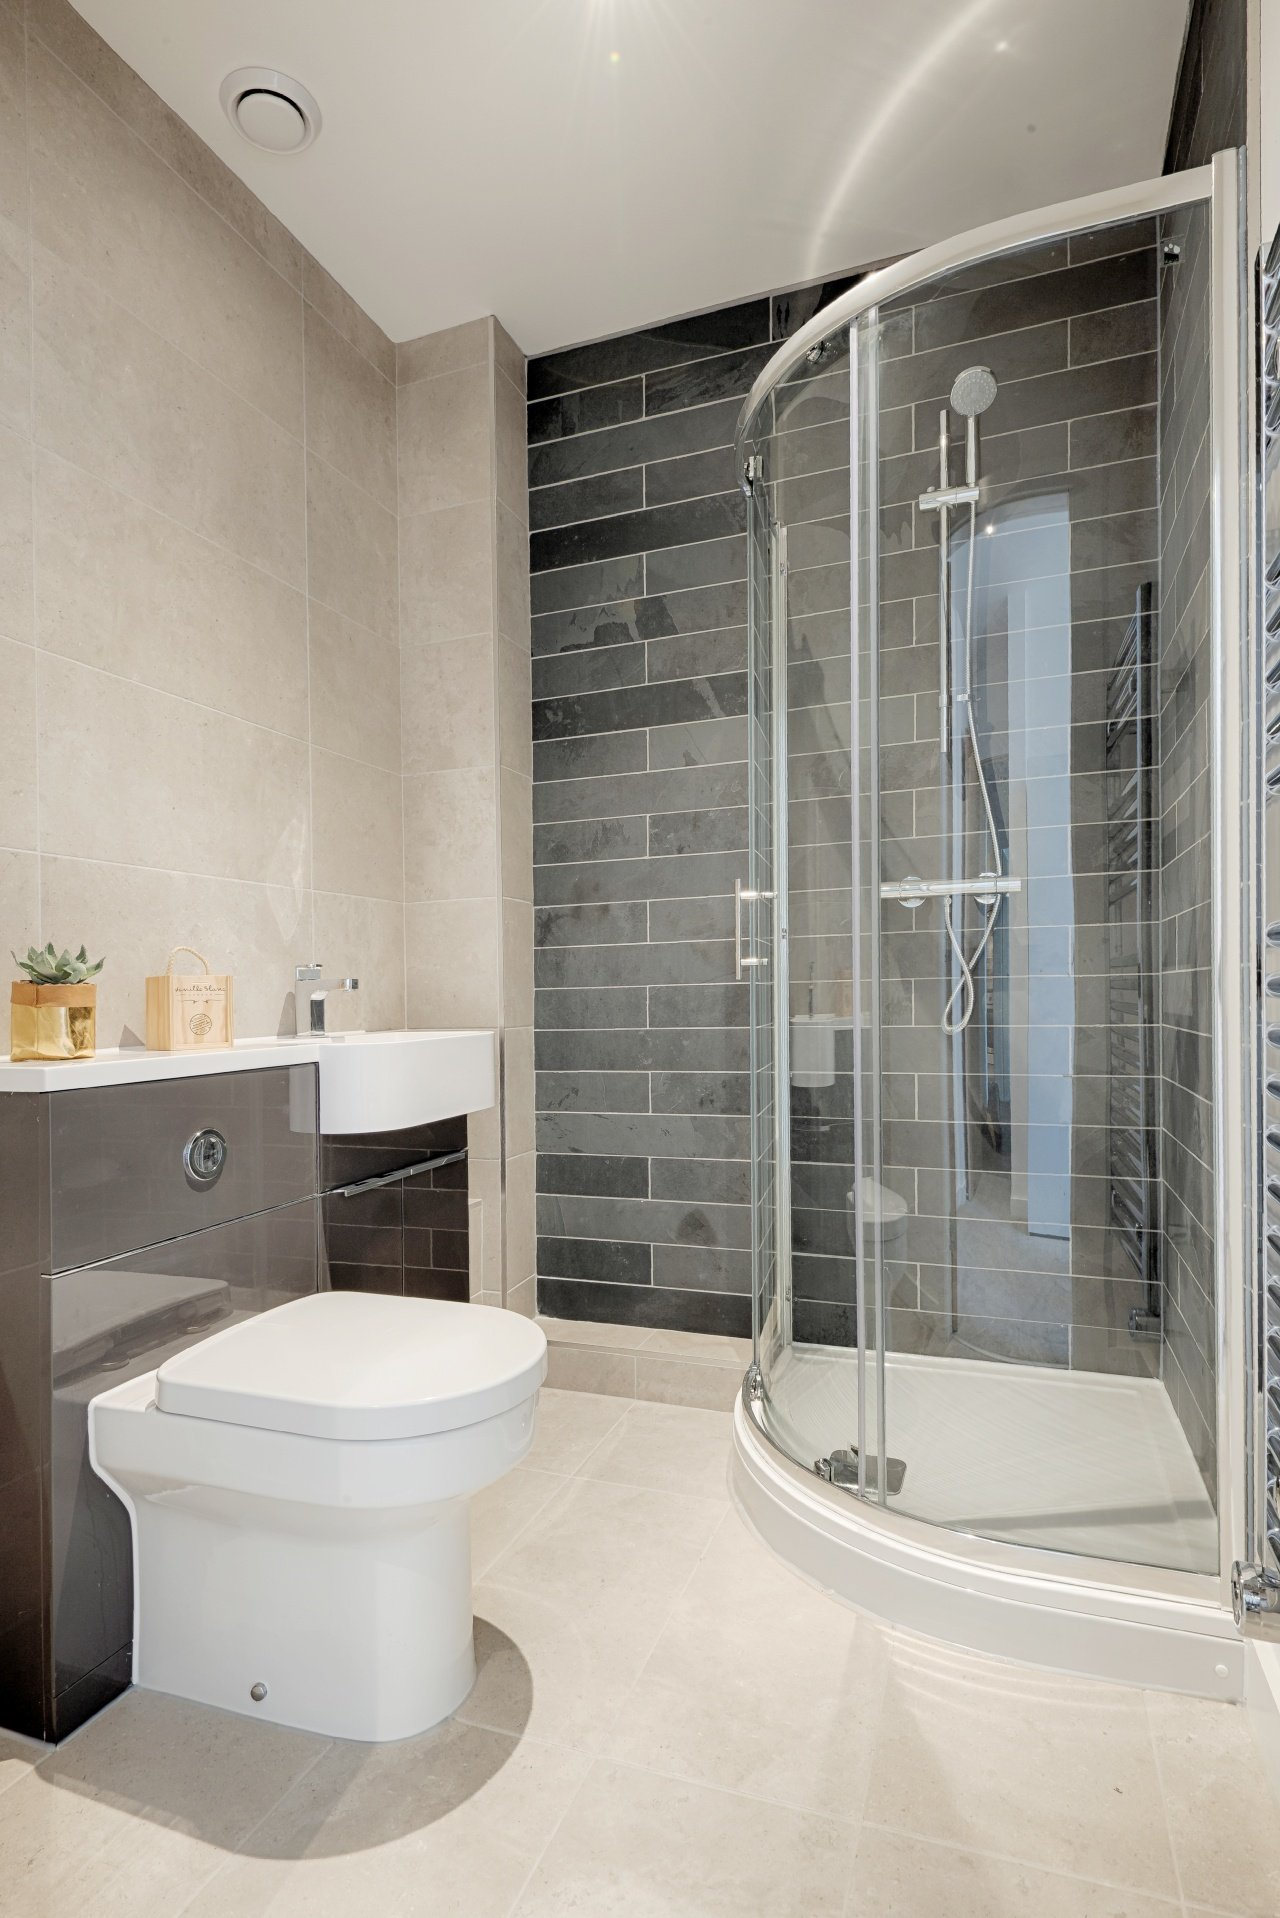 CERT-Projects-PopWorks-Bathroom